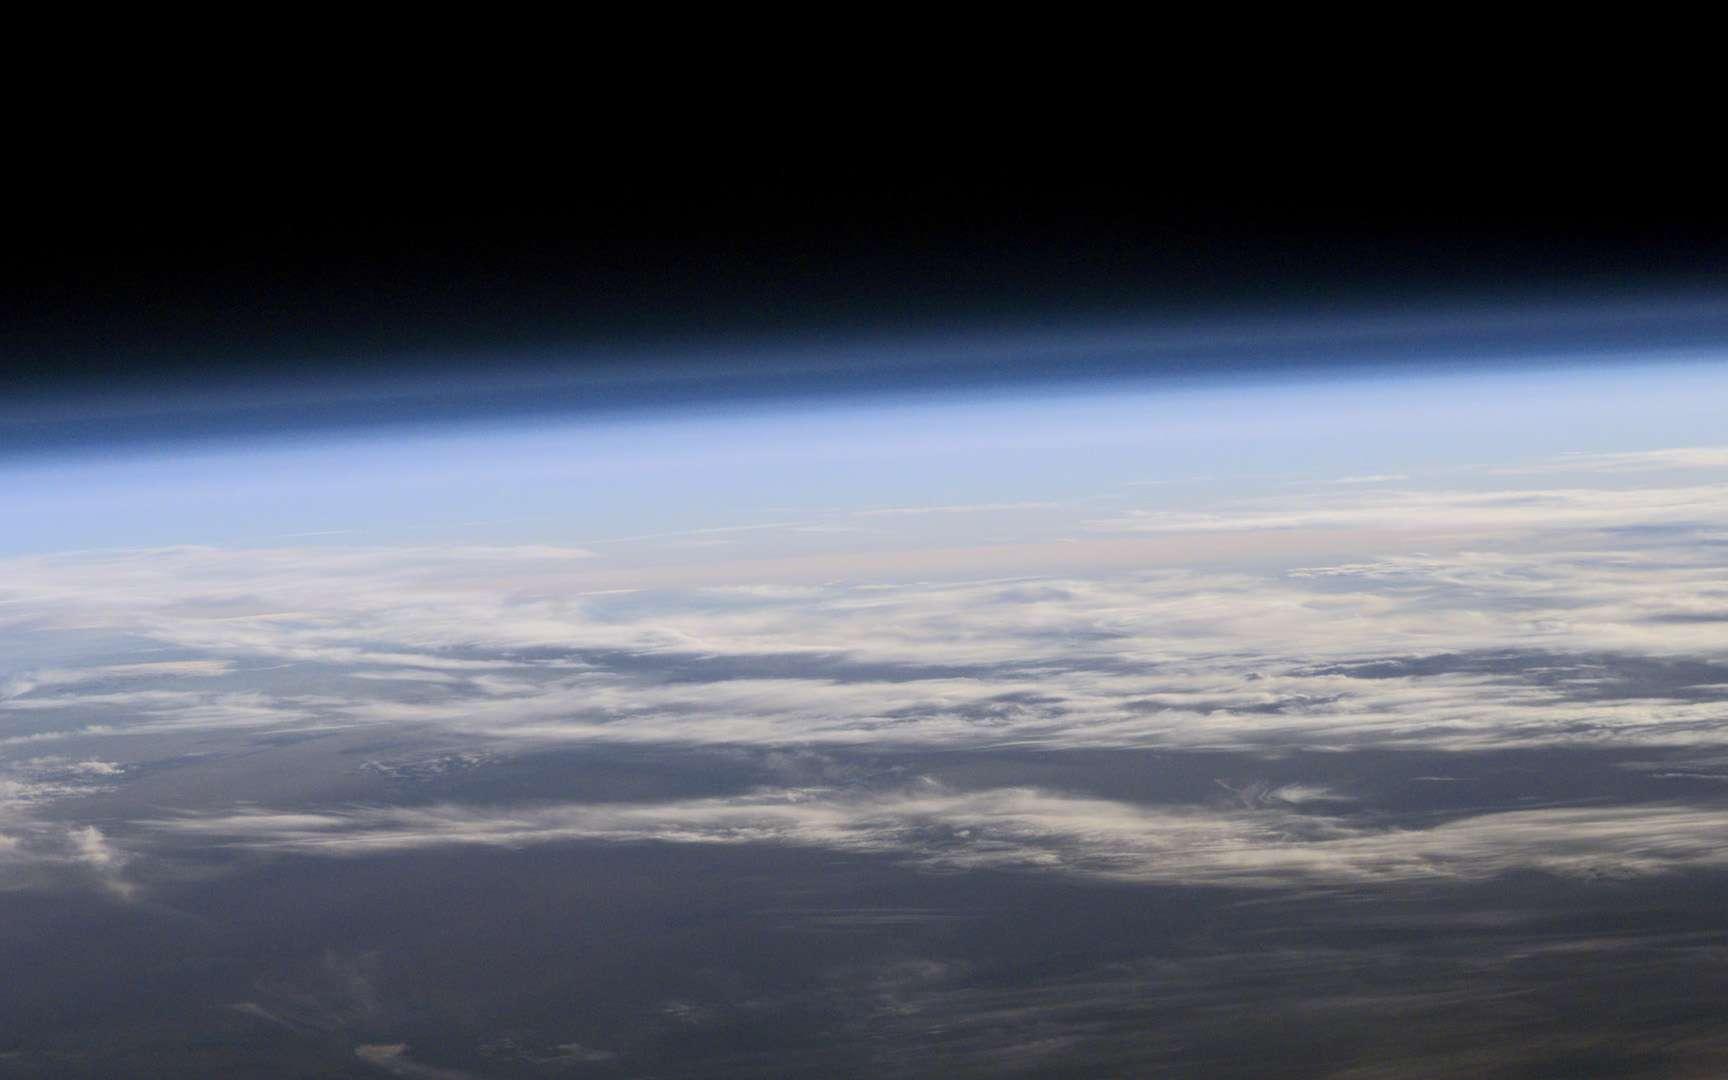 La résorption du trou dans la couche d'ozone pourrait être retardée de huit ans en raison de la hausse des émissions de chloroforme. © Nasa